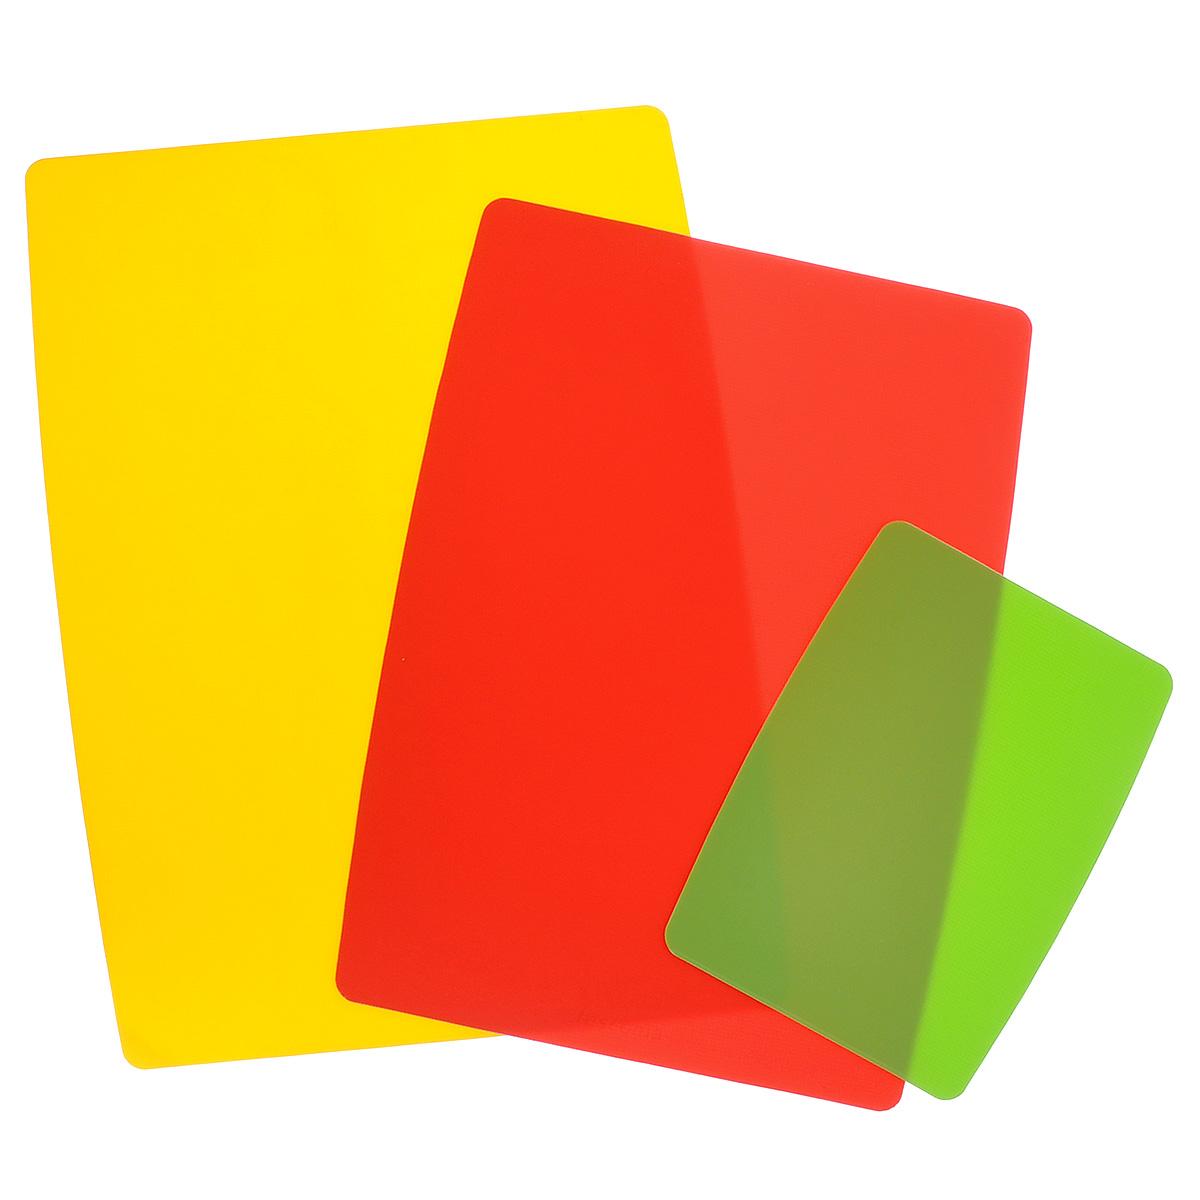 Доски разделочные Tescoma Presto, гибкие, цвет: желтый, красный, салатовый, 3 шт378878Гибкие разделочные доски Tescoma Presto прекрасно подходят для разделки всех видов пищевых продуктов. Они имеют слой для защиты от скольжения, благодаря которому прилегают к столу и не скользят. Изготовлены из гибкой пластмассы для удобства переноски и высыпания. Пригодны для посудомоечной машины. Размер большой доски: 40 х 28,5 см. Размер средней доски: 37 х 24,5 см. Размер маленькой доски: 25 х 15 см.